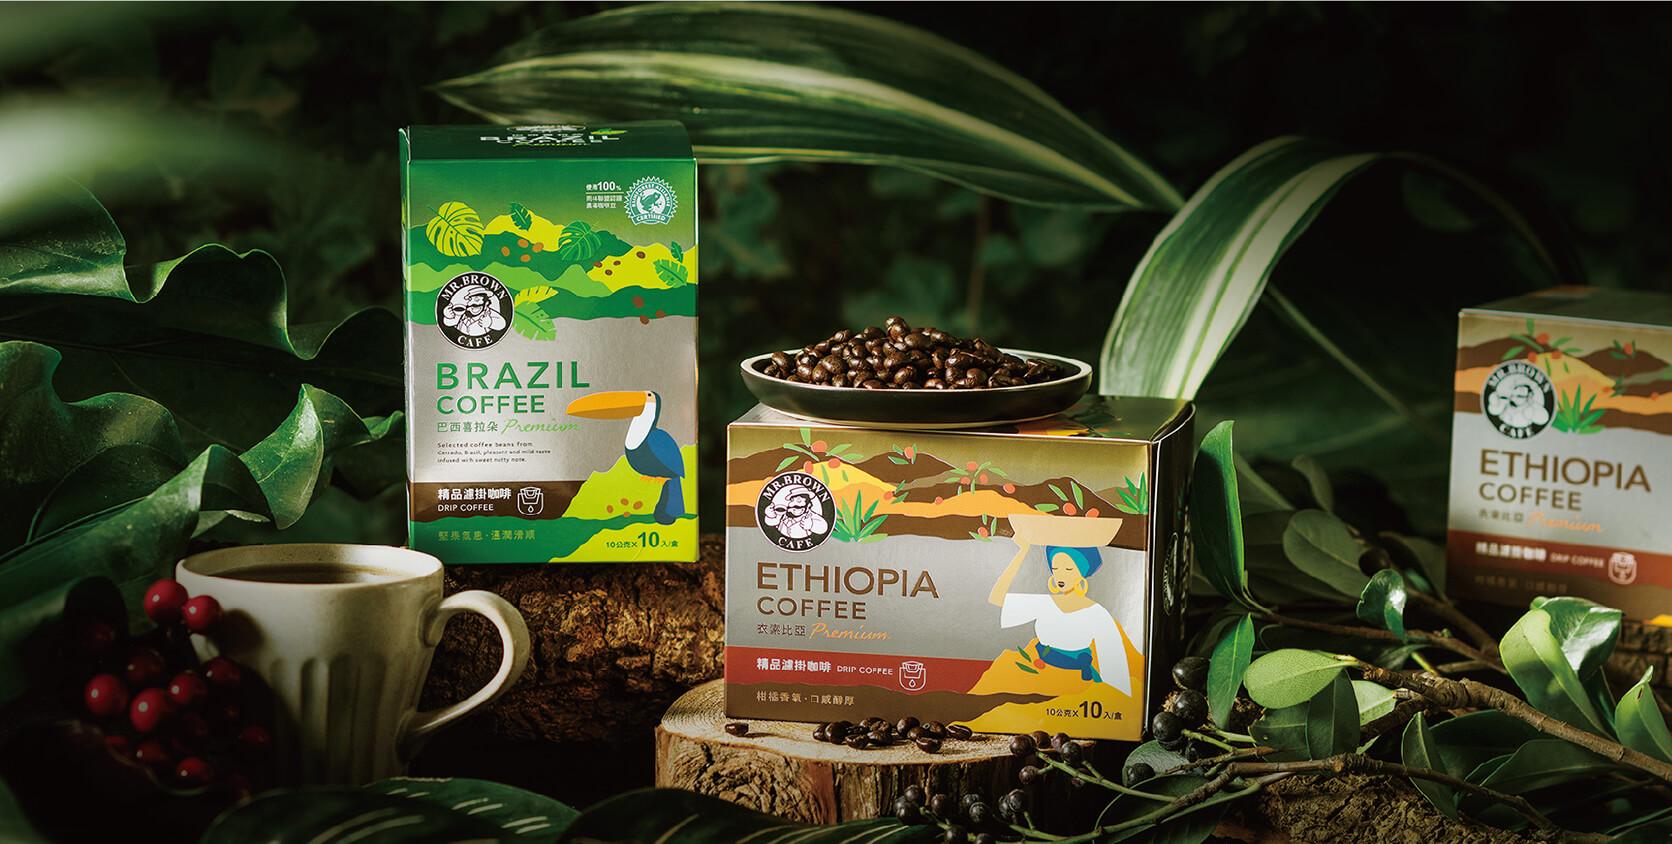 伯朗咖啡精品豆 產品包裝設計